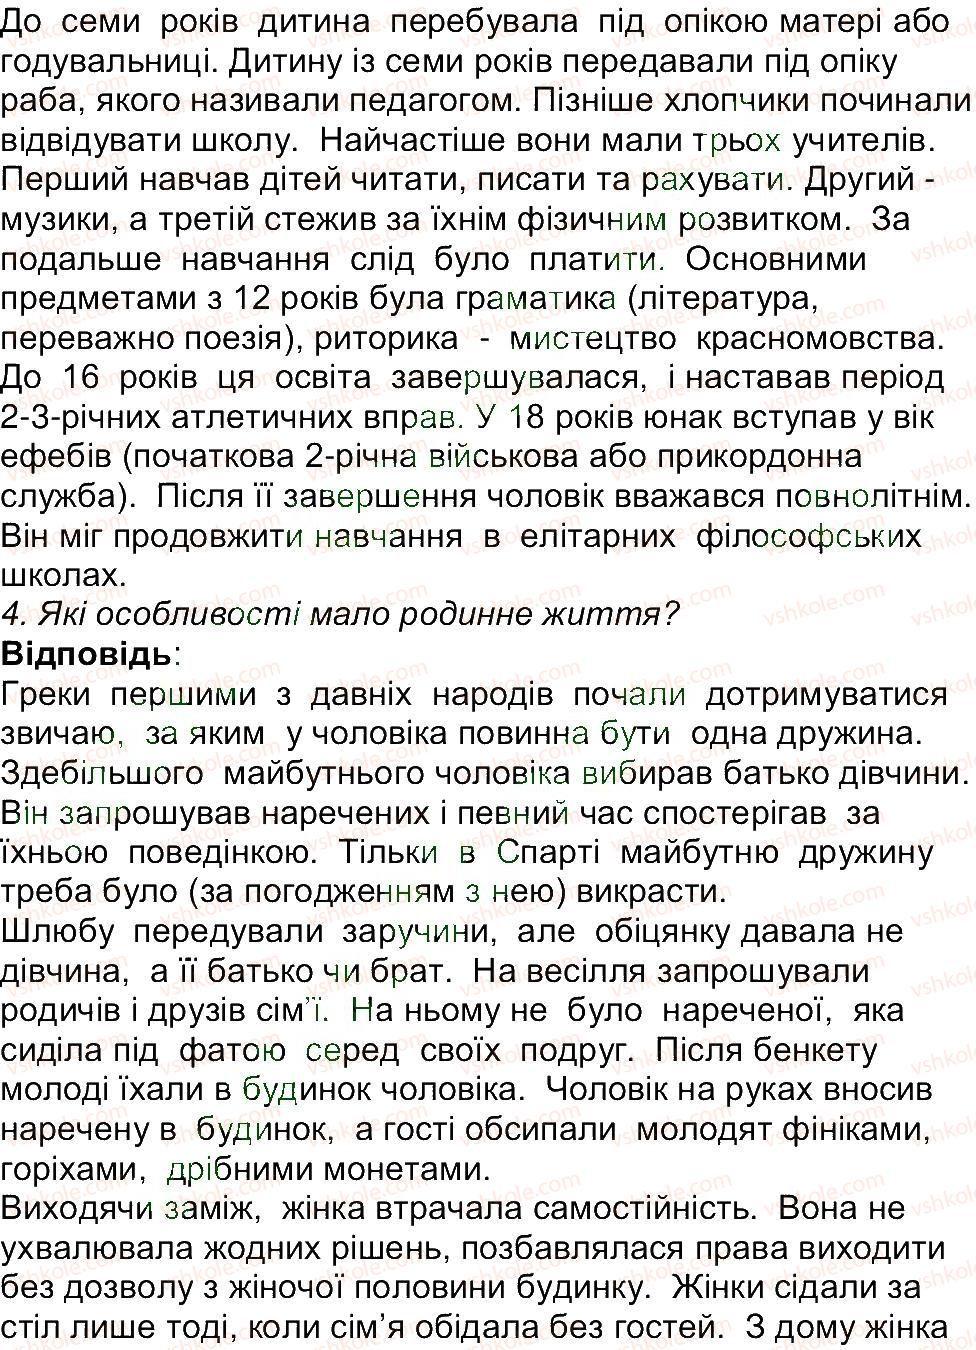 6-istoriya-og-bandrovskij-vs-vlasov-2014--storinki-143200-175-rnd8425.jpg